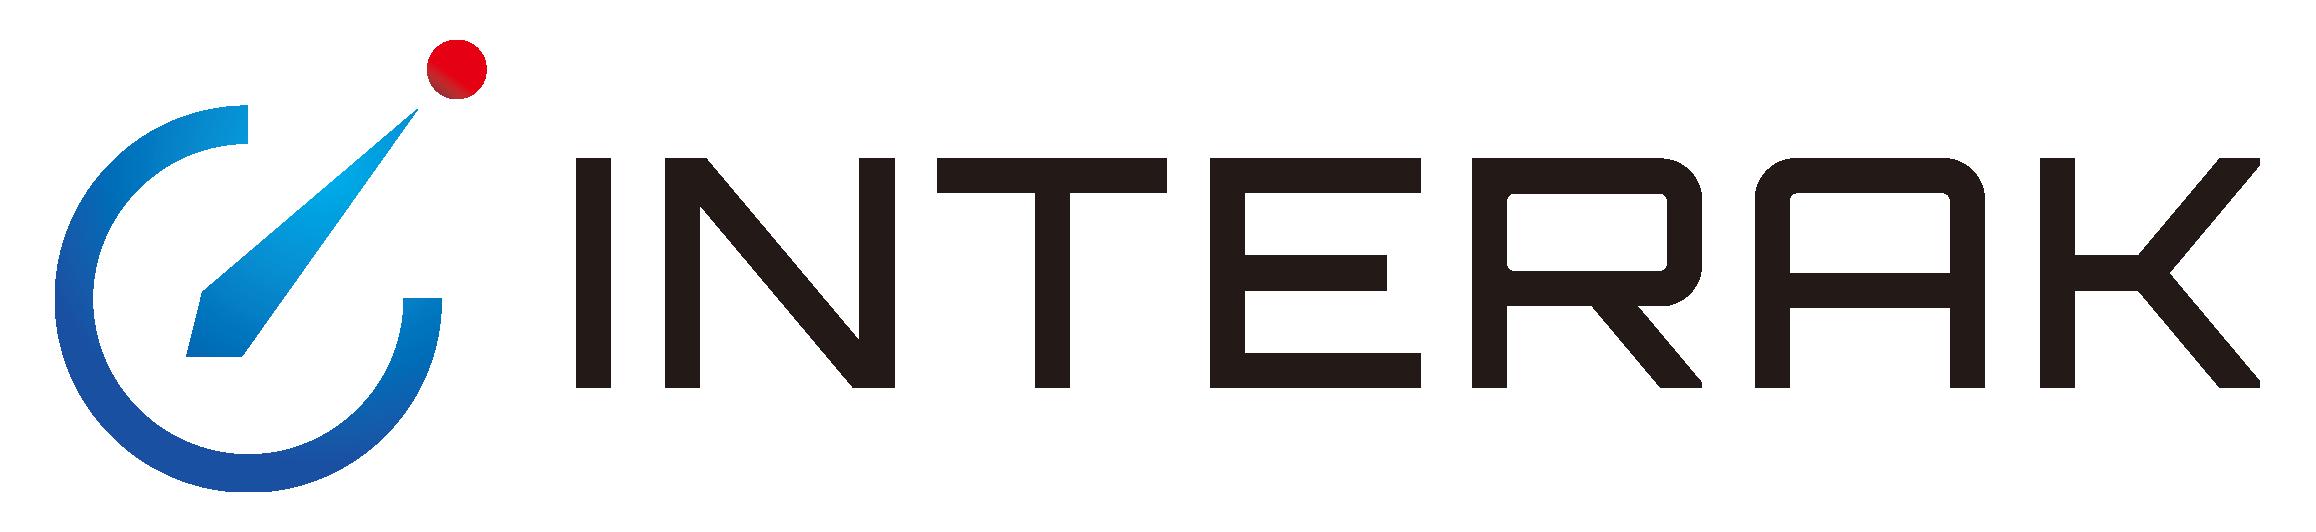 INTERAK_logo_3